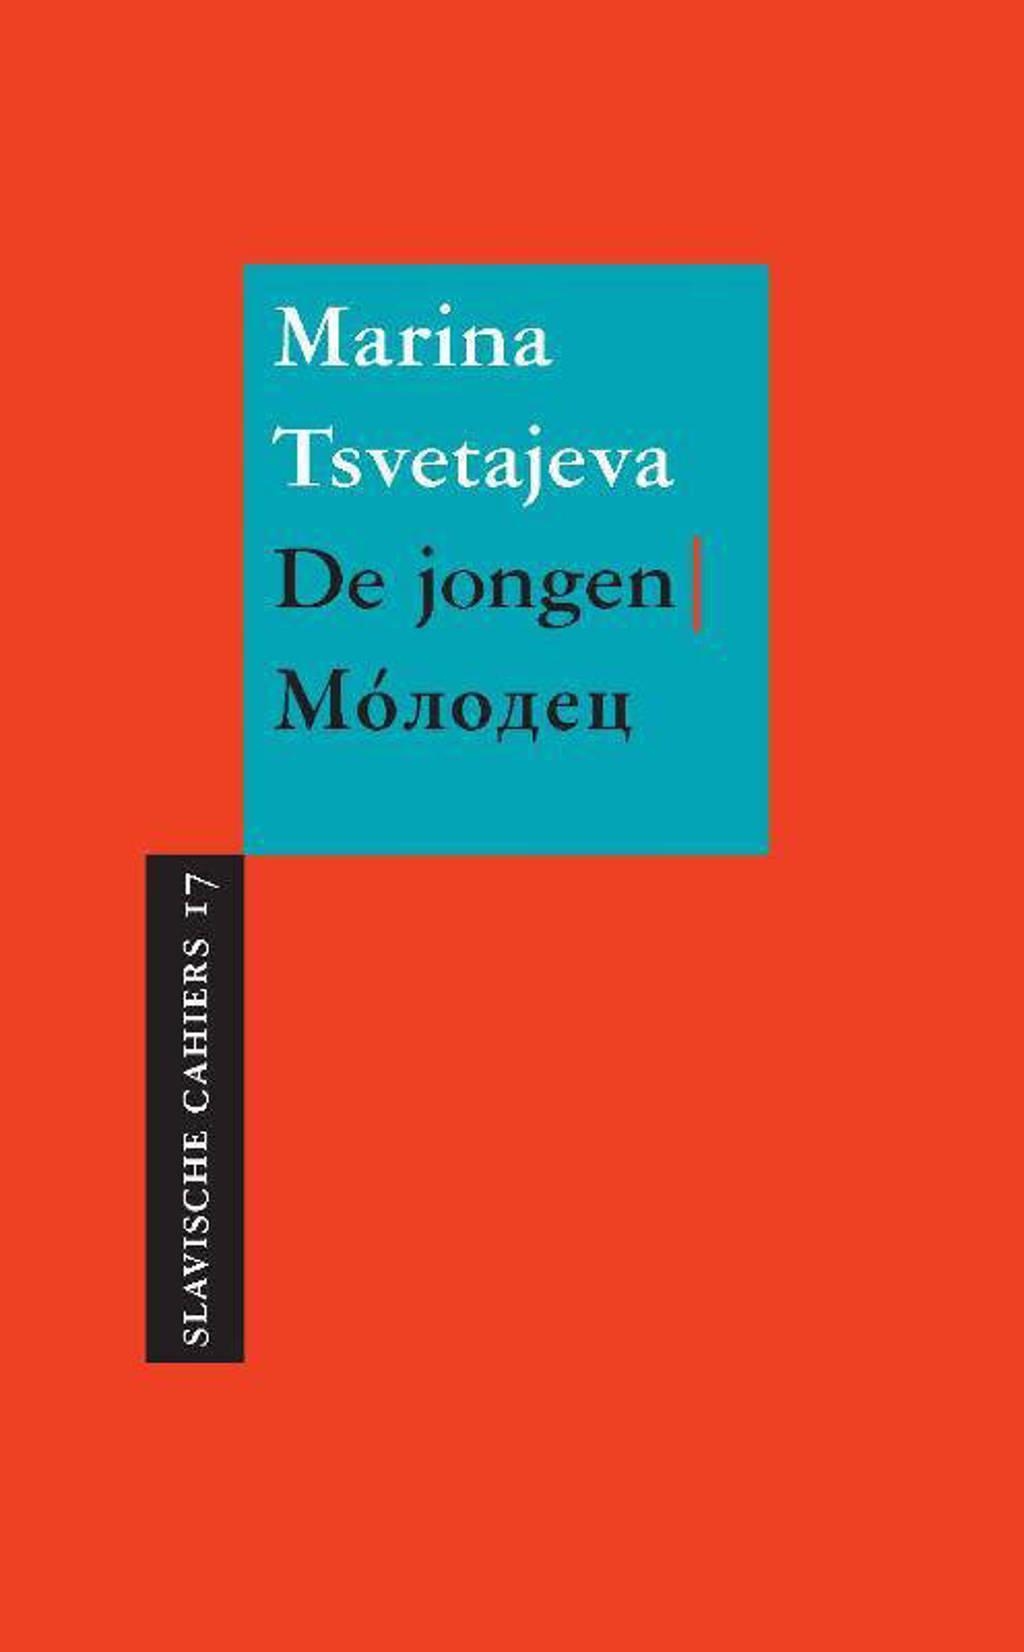 Slavische Cahiers: De jongen - Marina Tsvetajeva